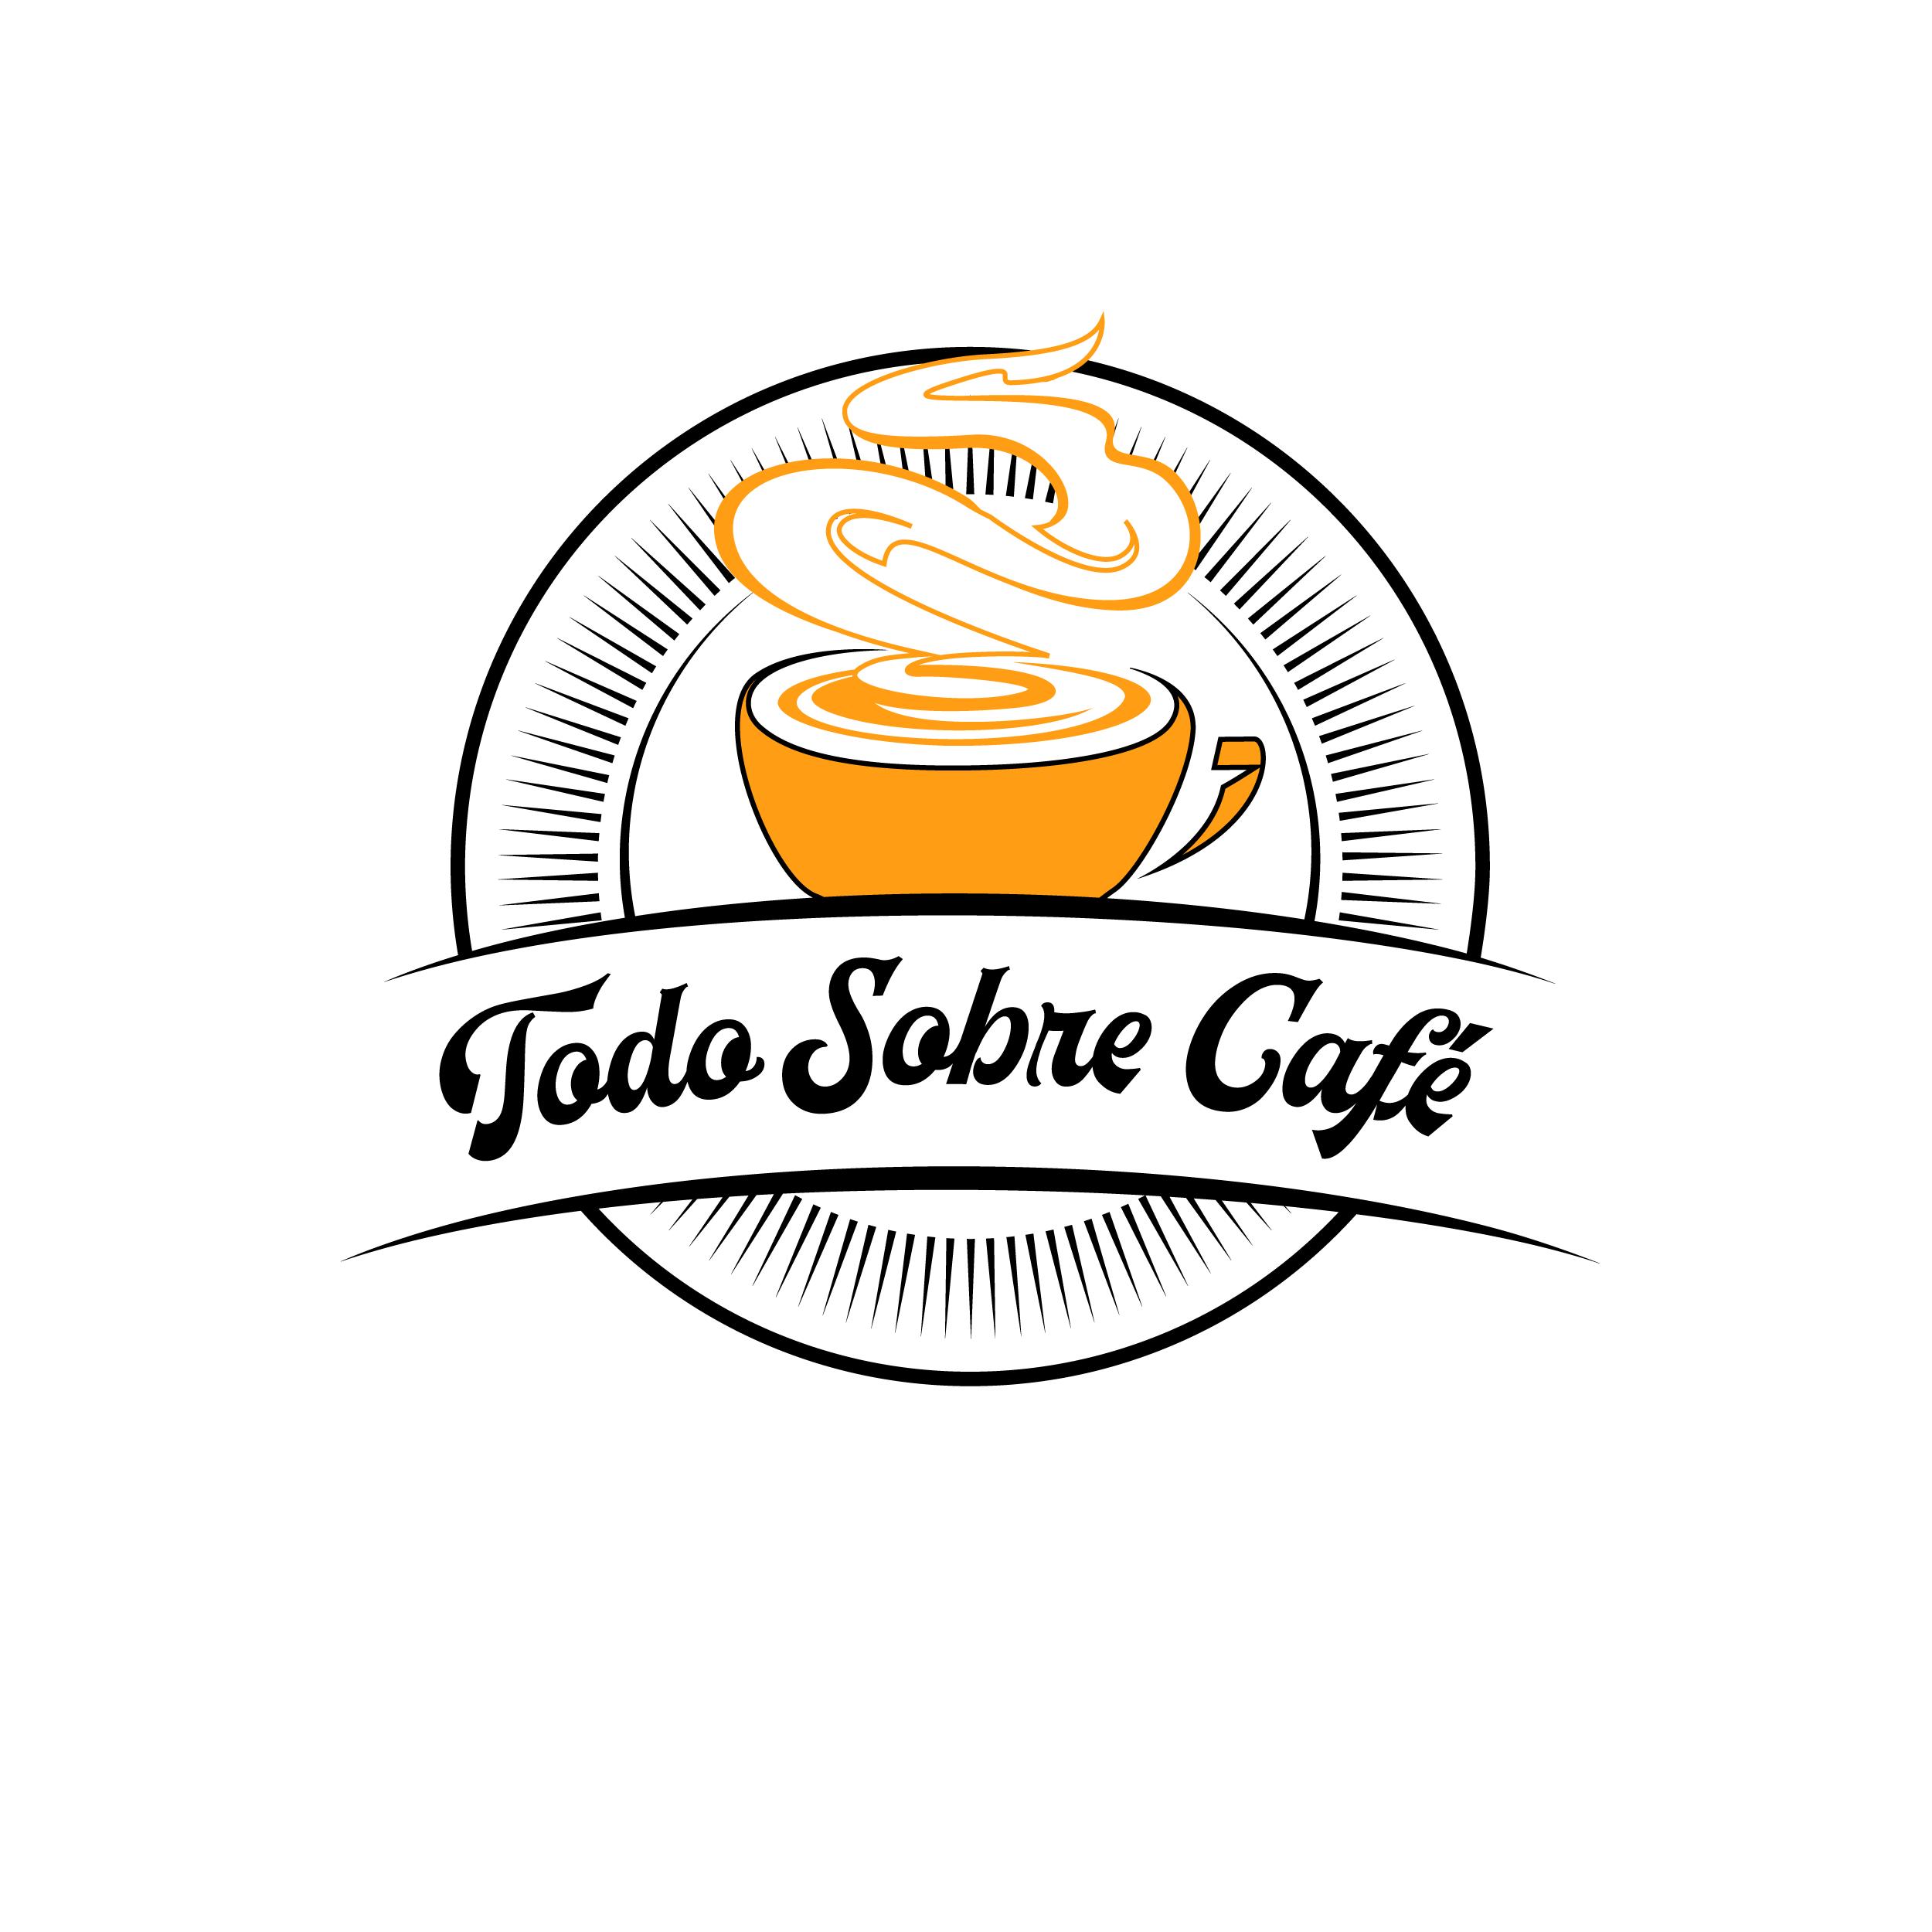 todo sobre café logo